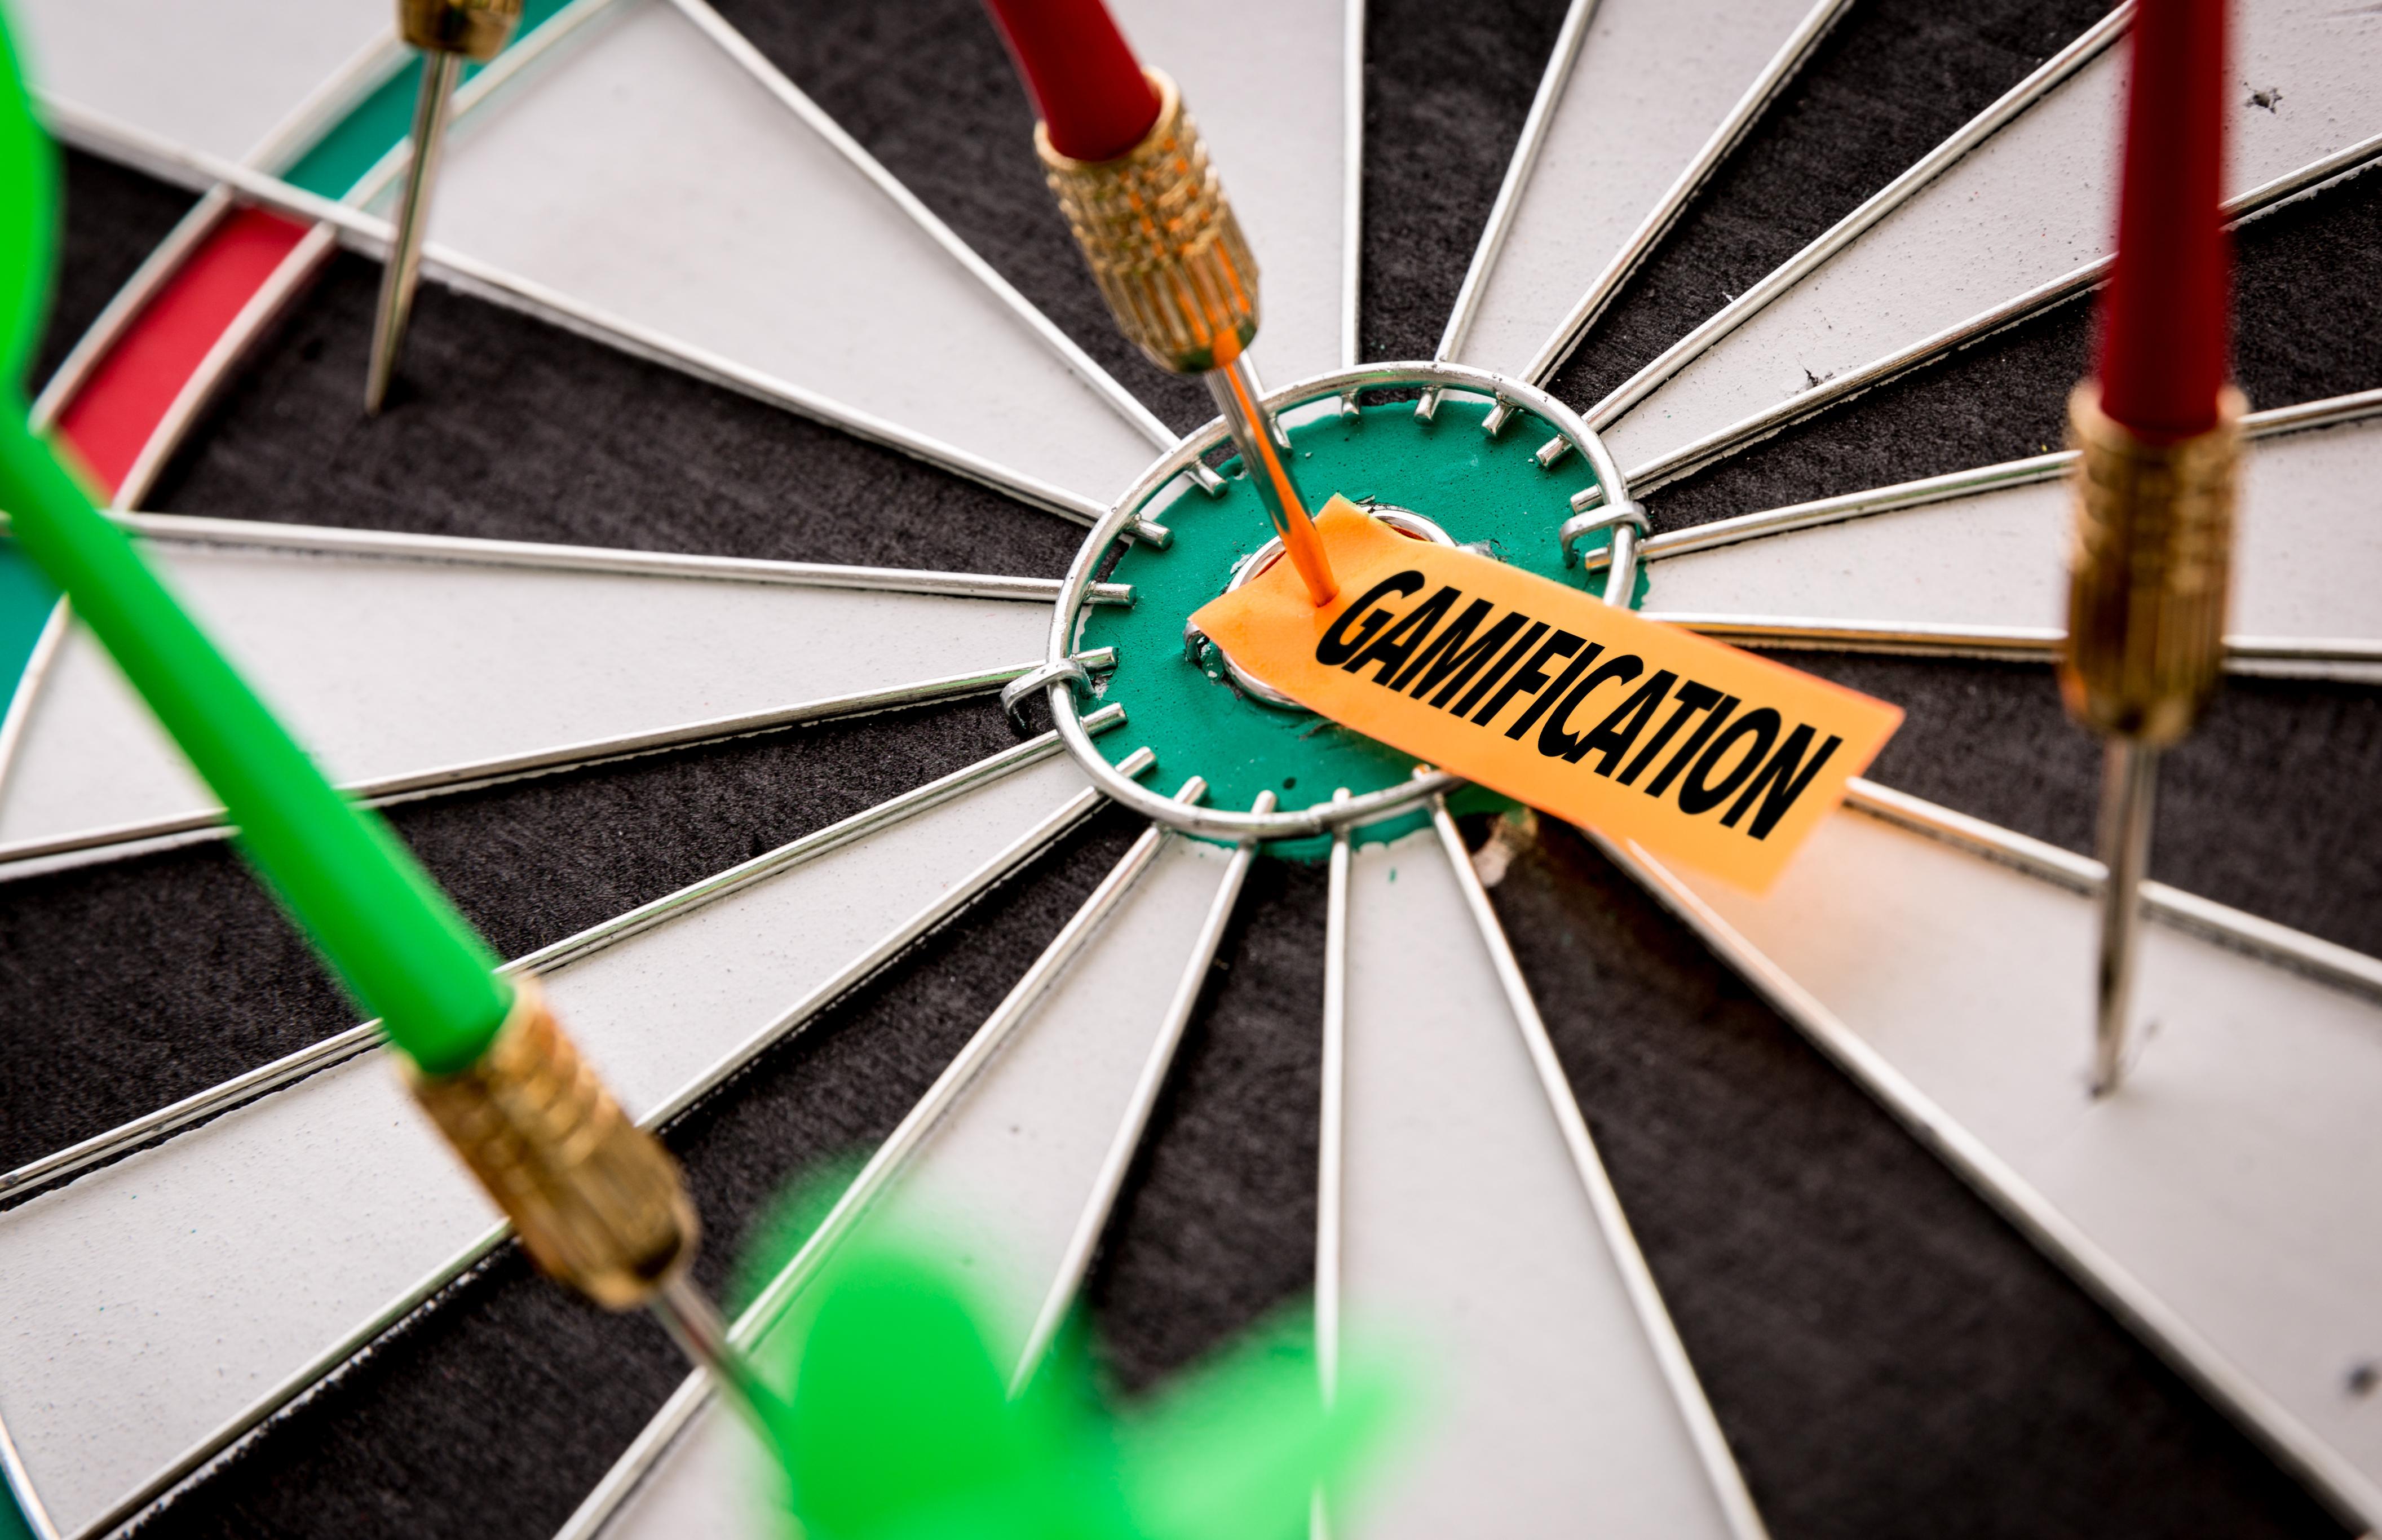 Opinião | Olimpíada incentiva gamificação dos negócios